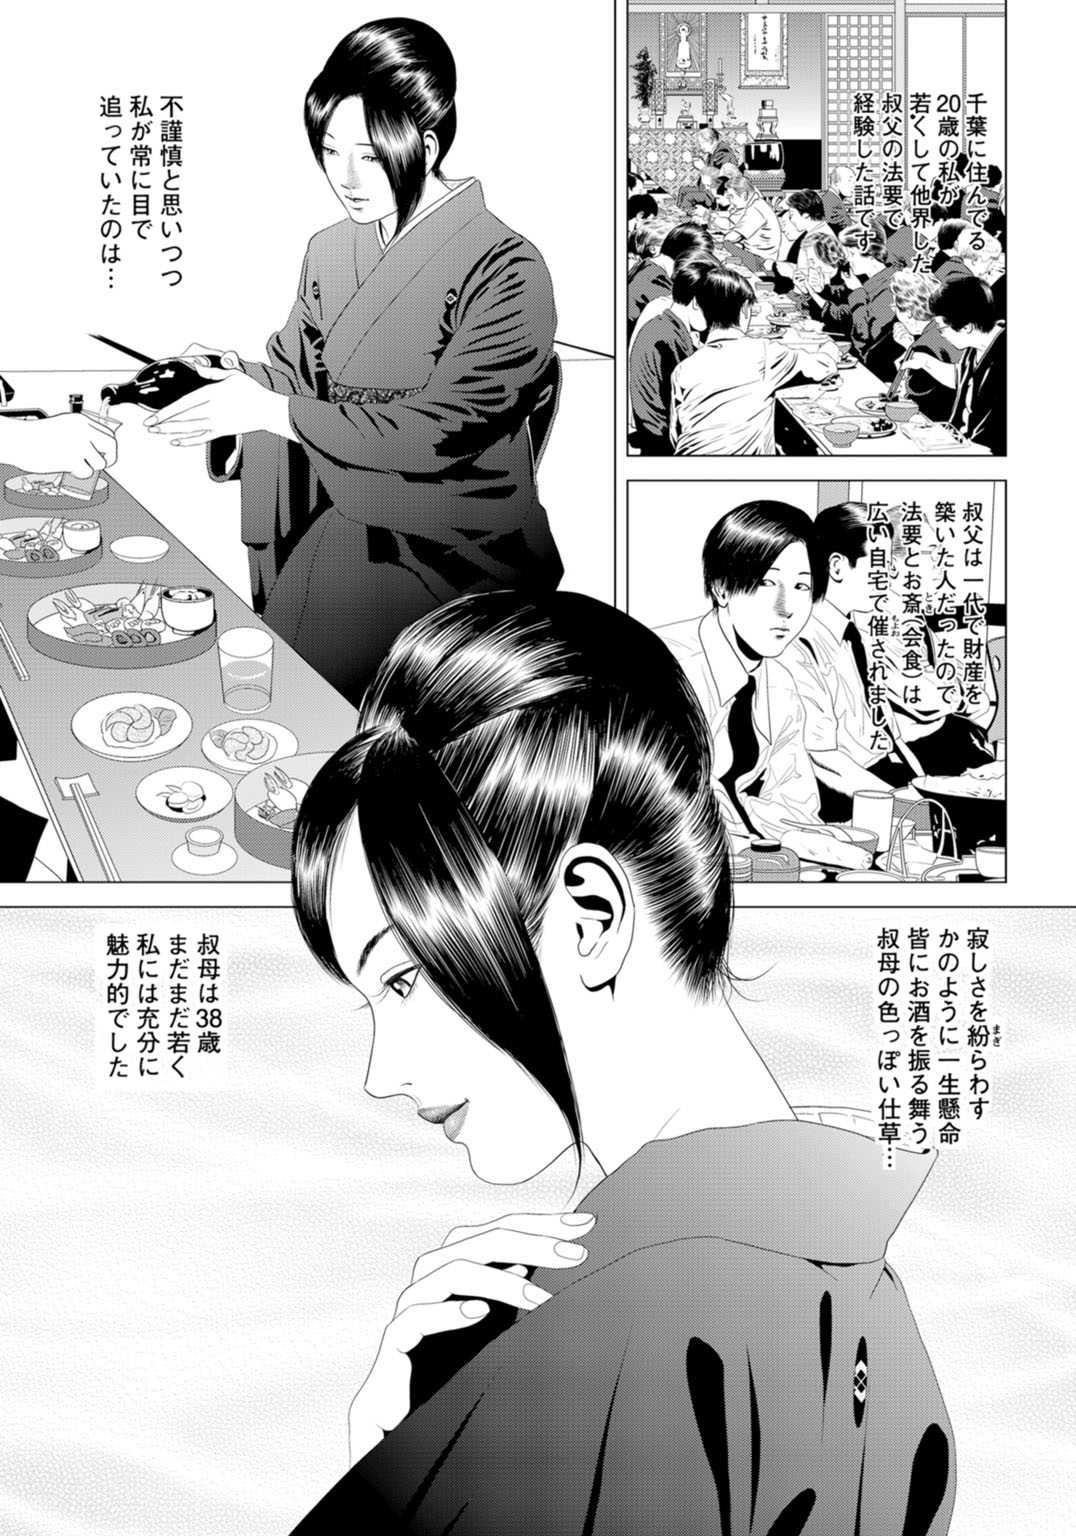 【エロ漫画】喪服姿で寝乱れている未亡人の叔母を夜這いwww